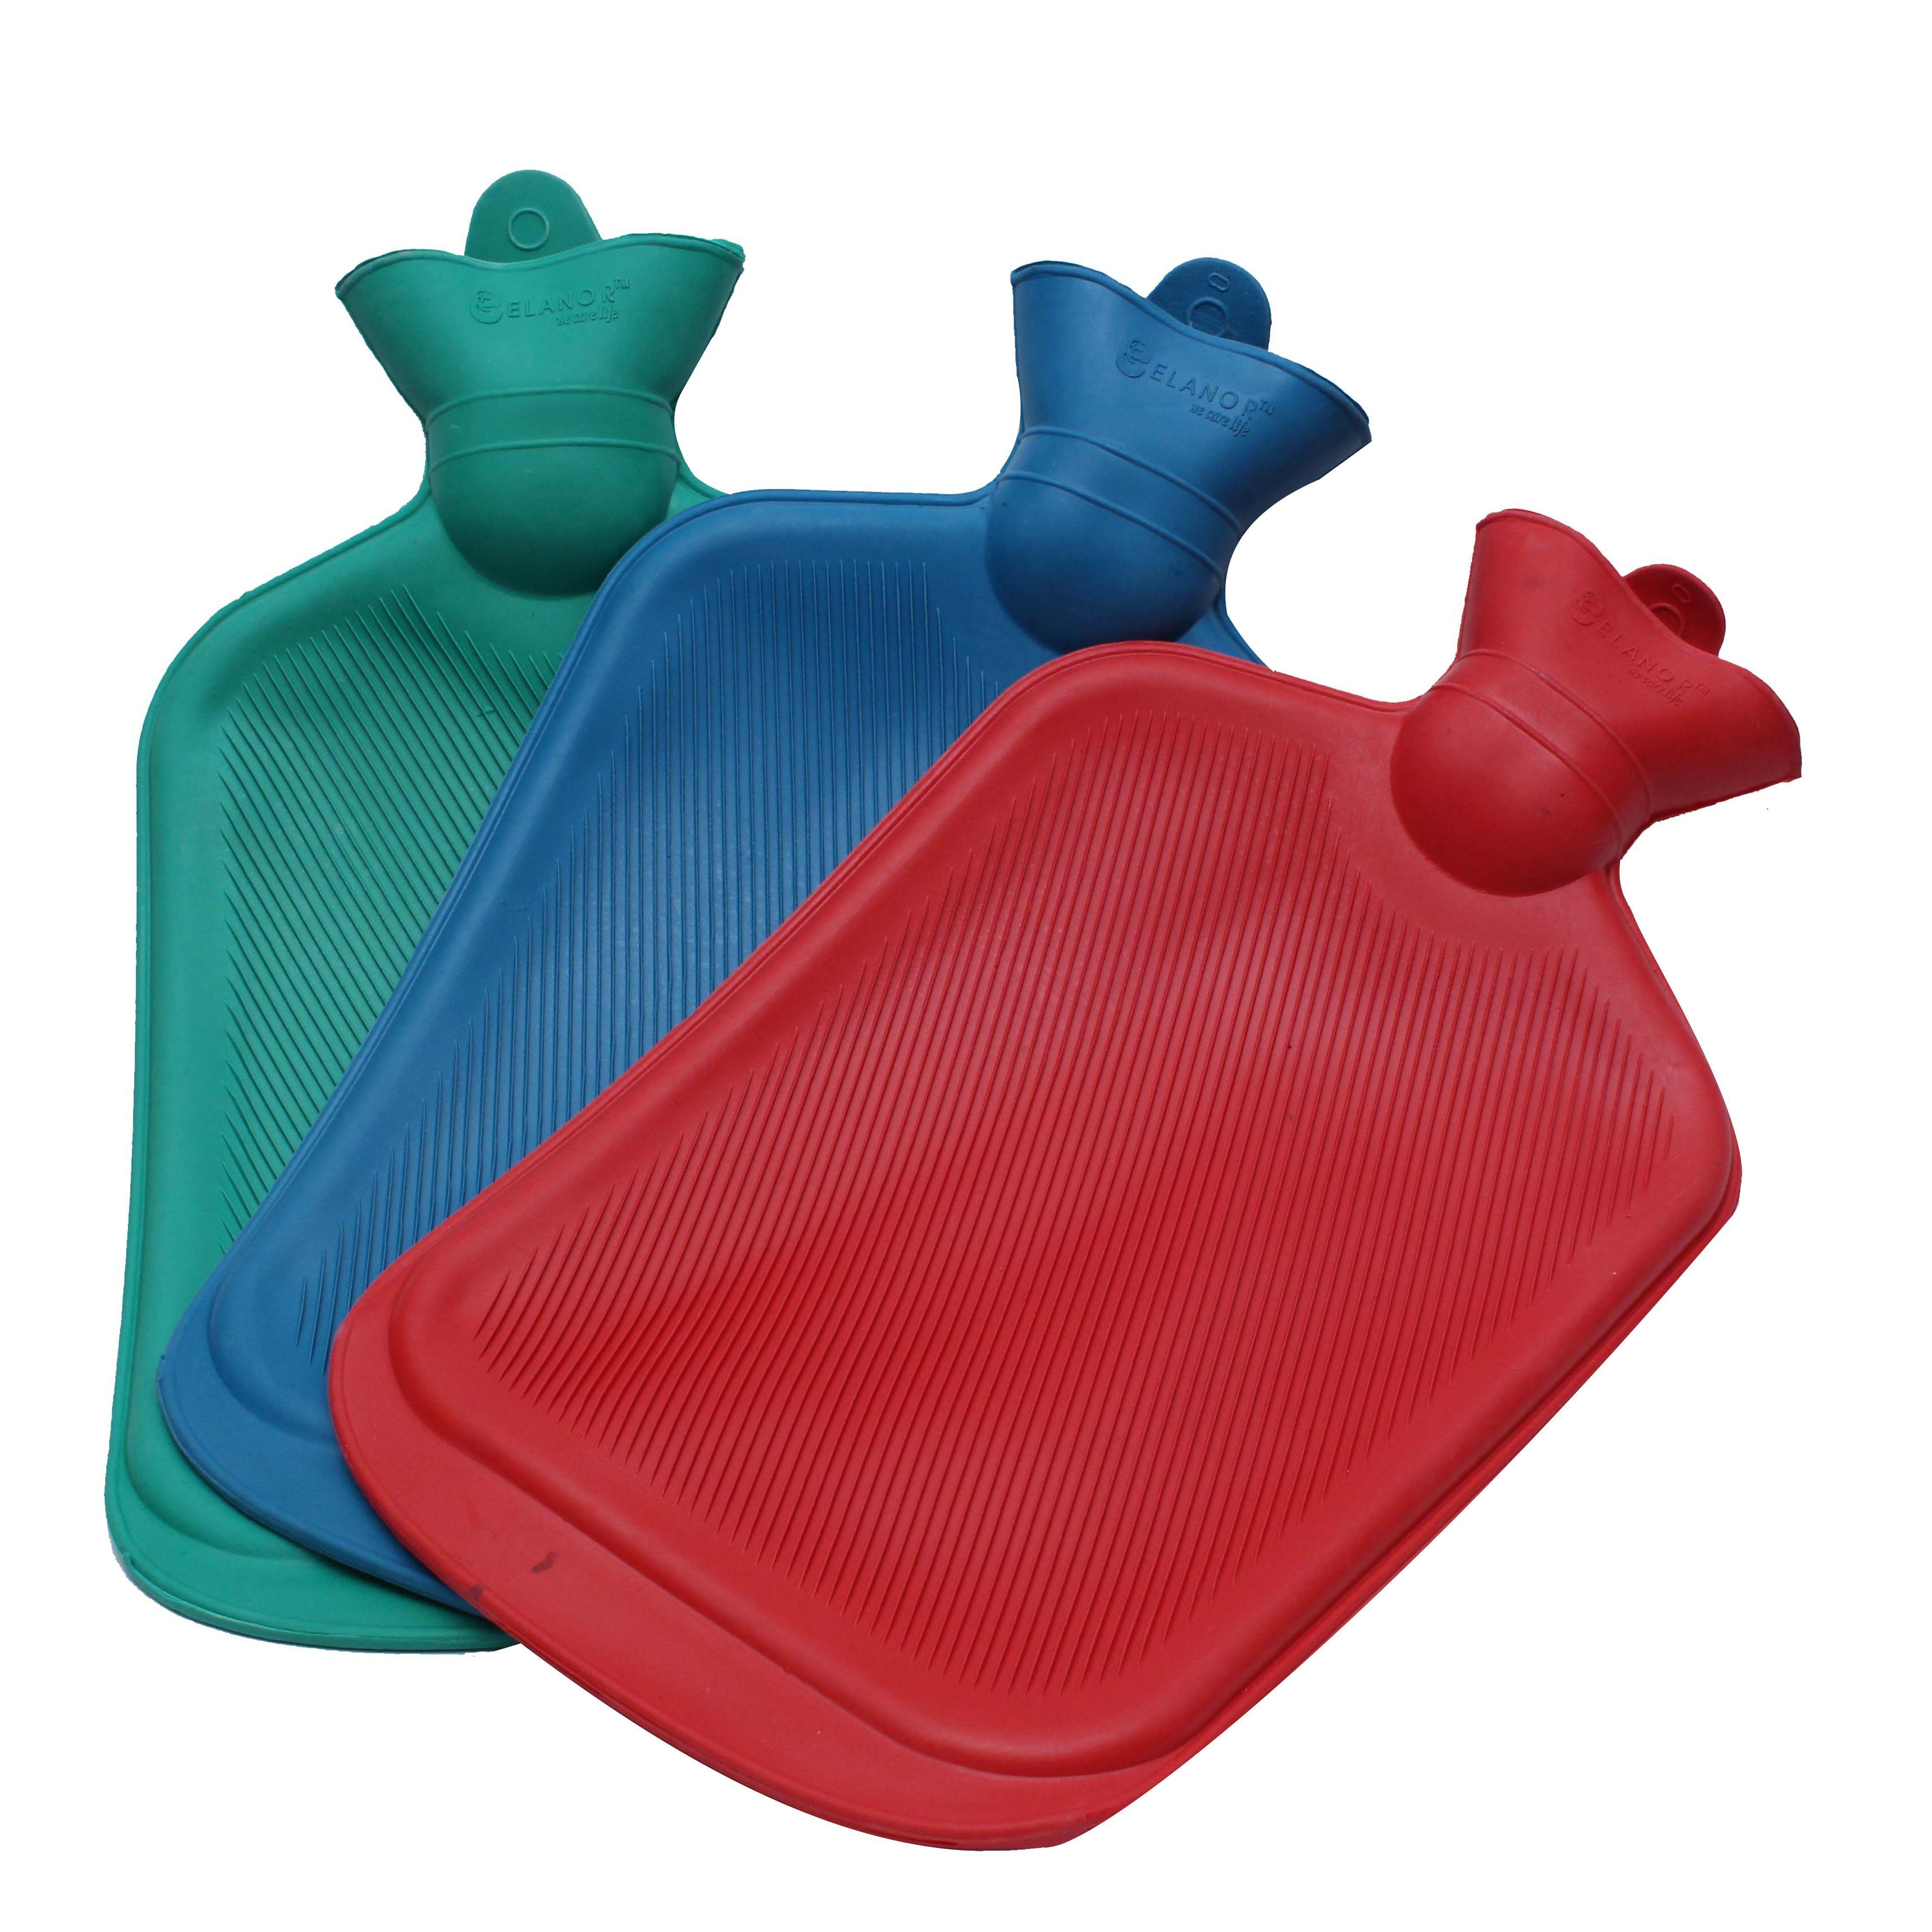 Elanor Rubber Hot Water Bag